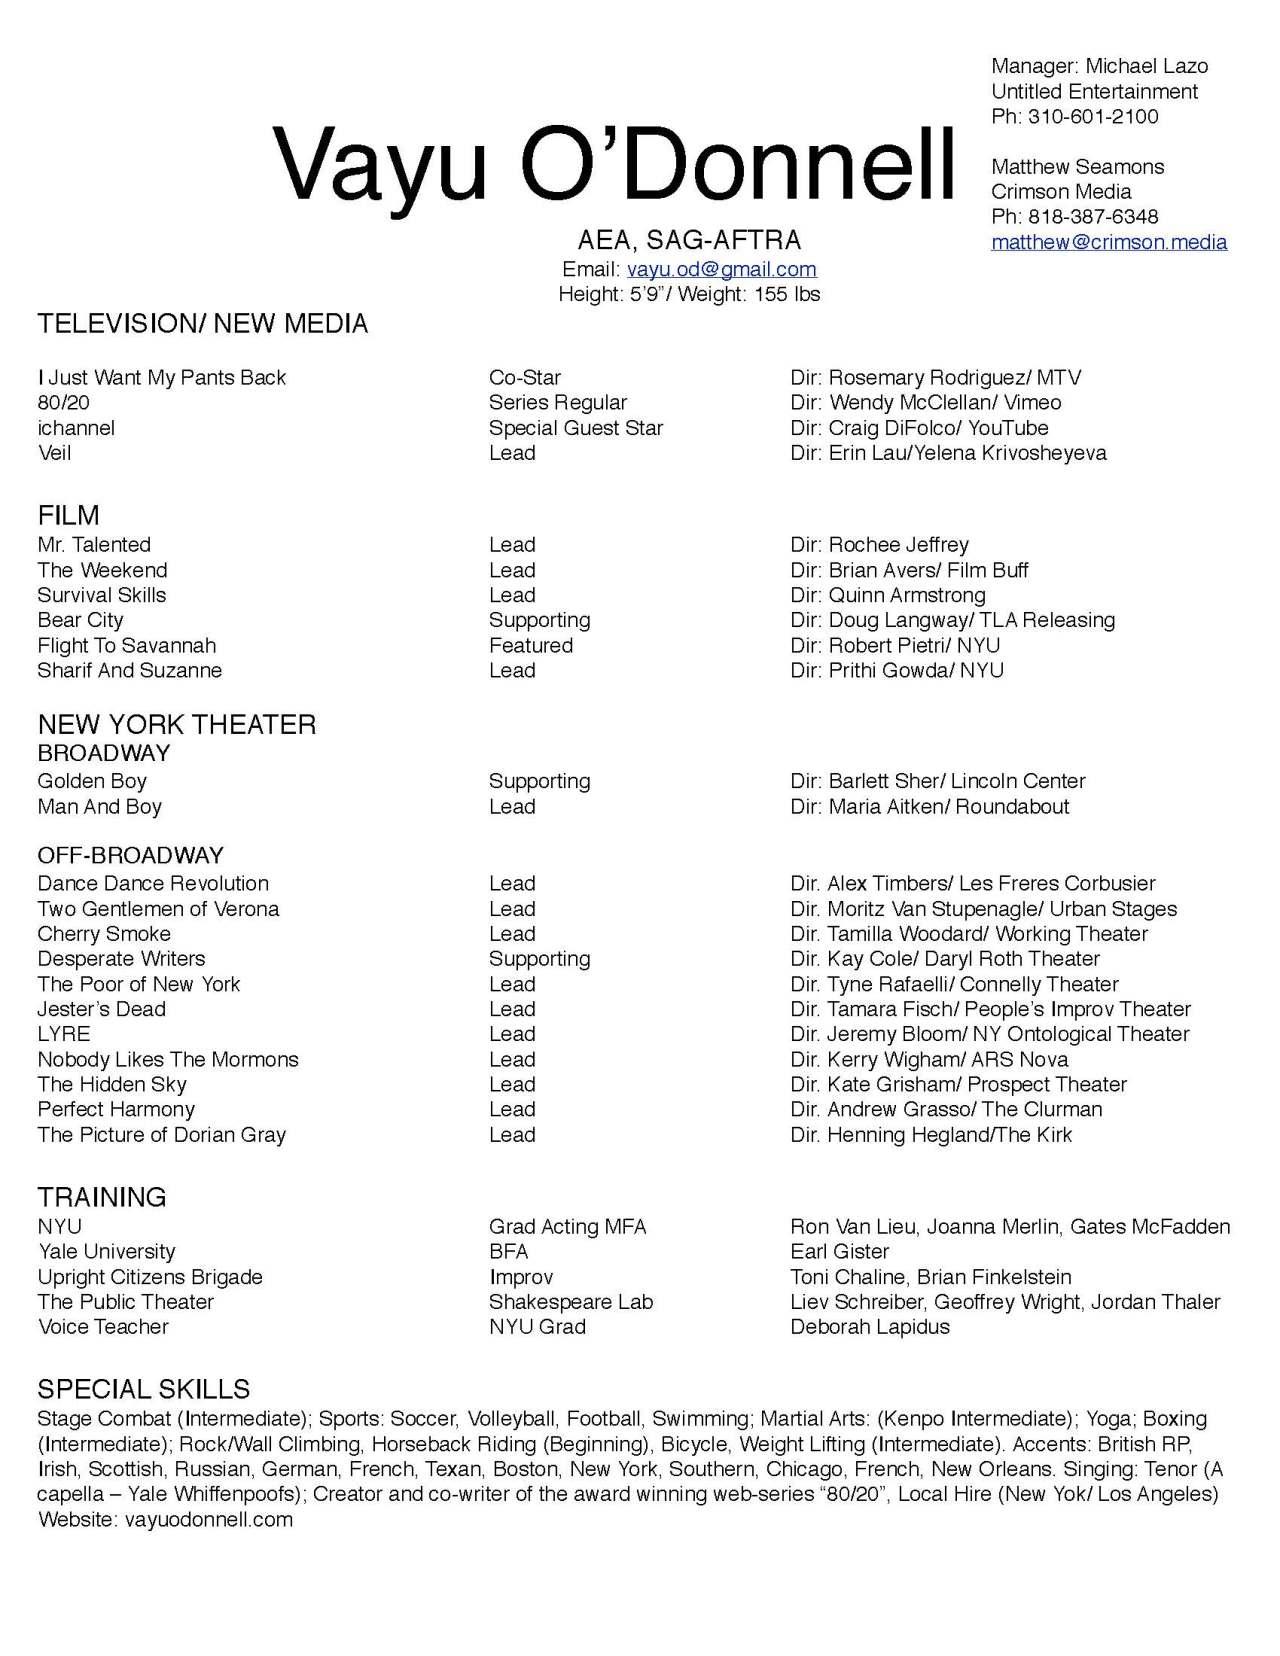 filmtvRESume 05-25-18 Vayu